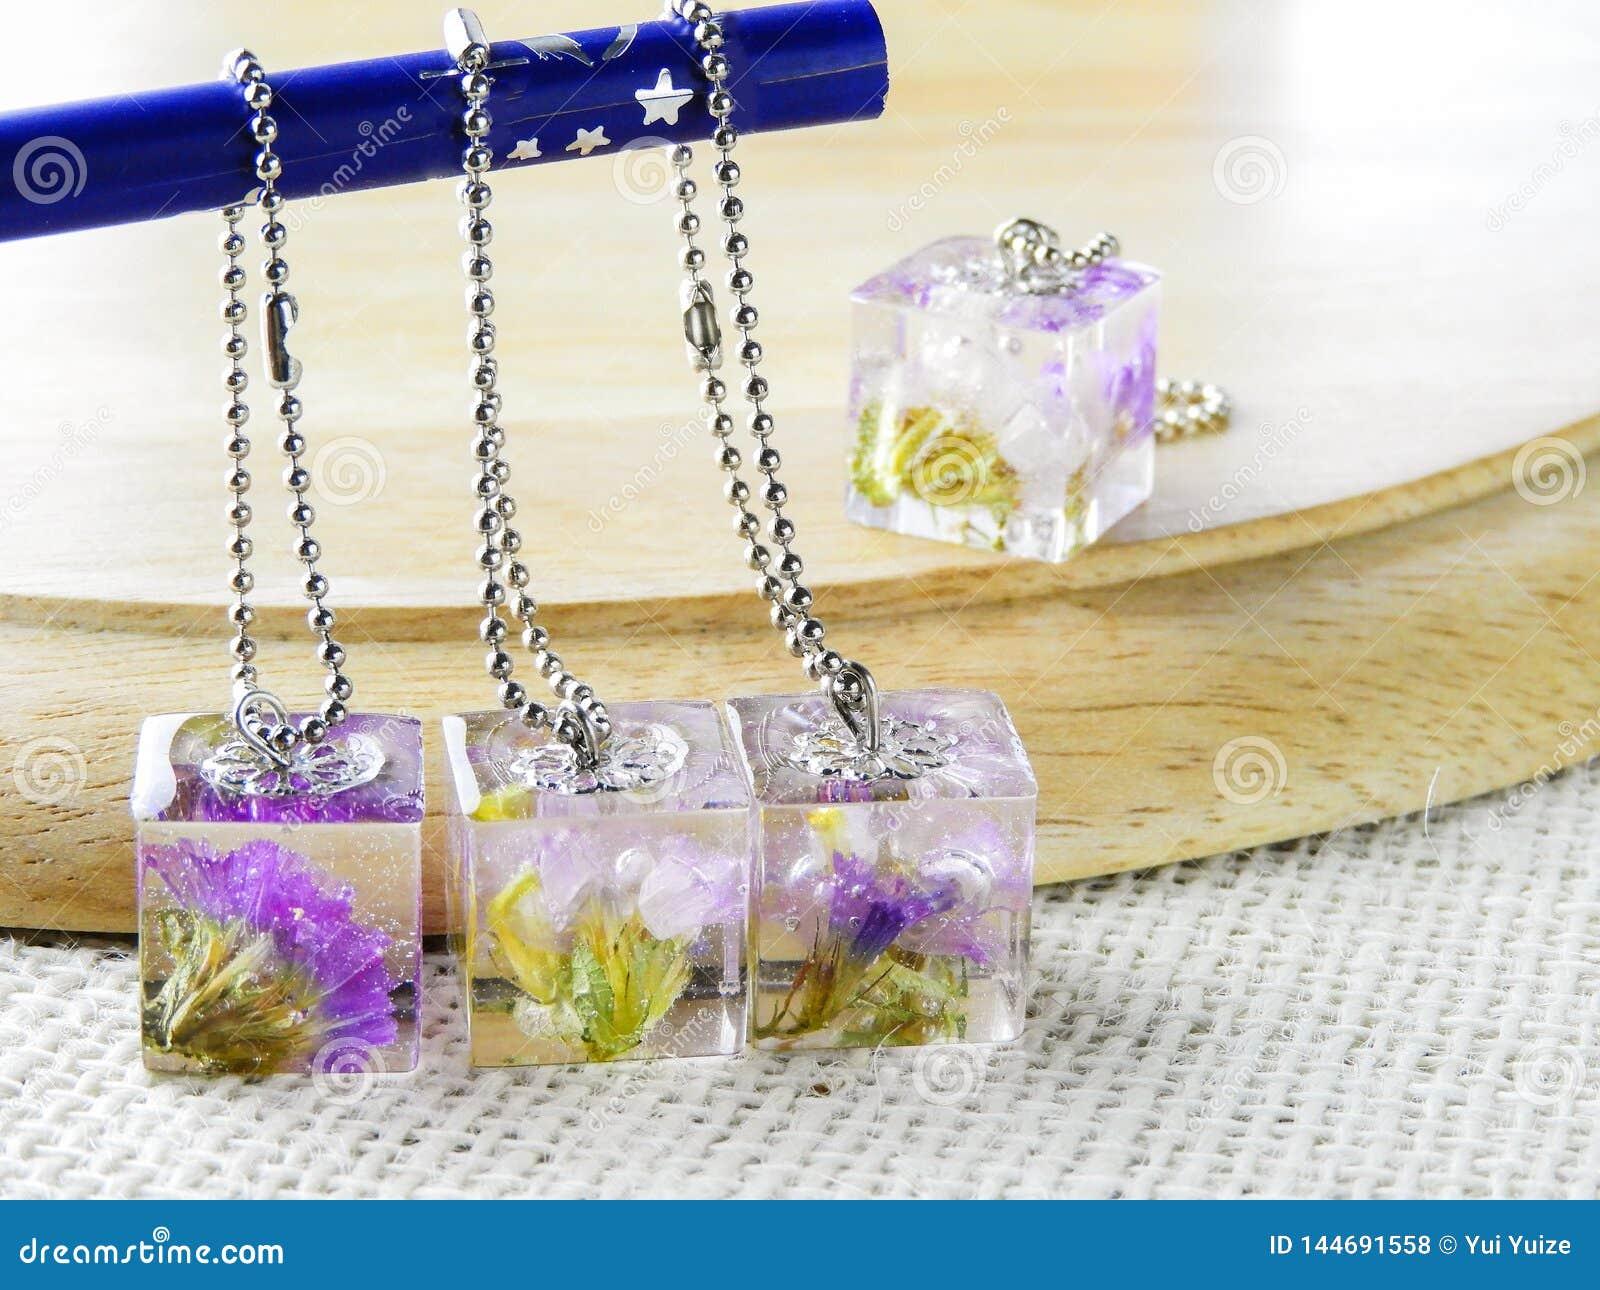 Ξηρό λουλούδι στο κρύσταλλο - σαφής ρητίνη